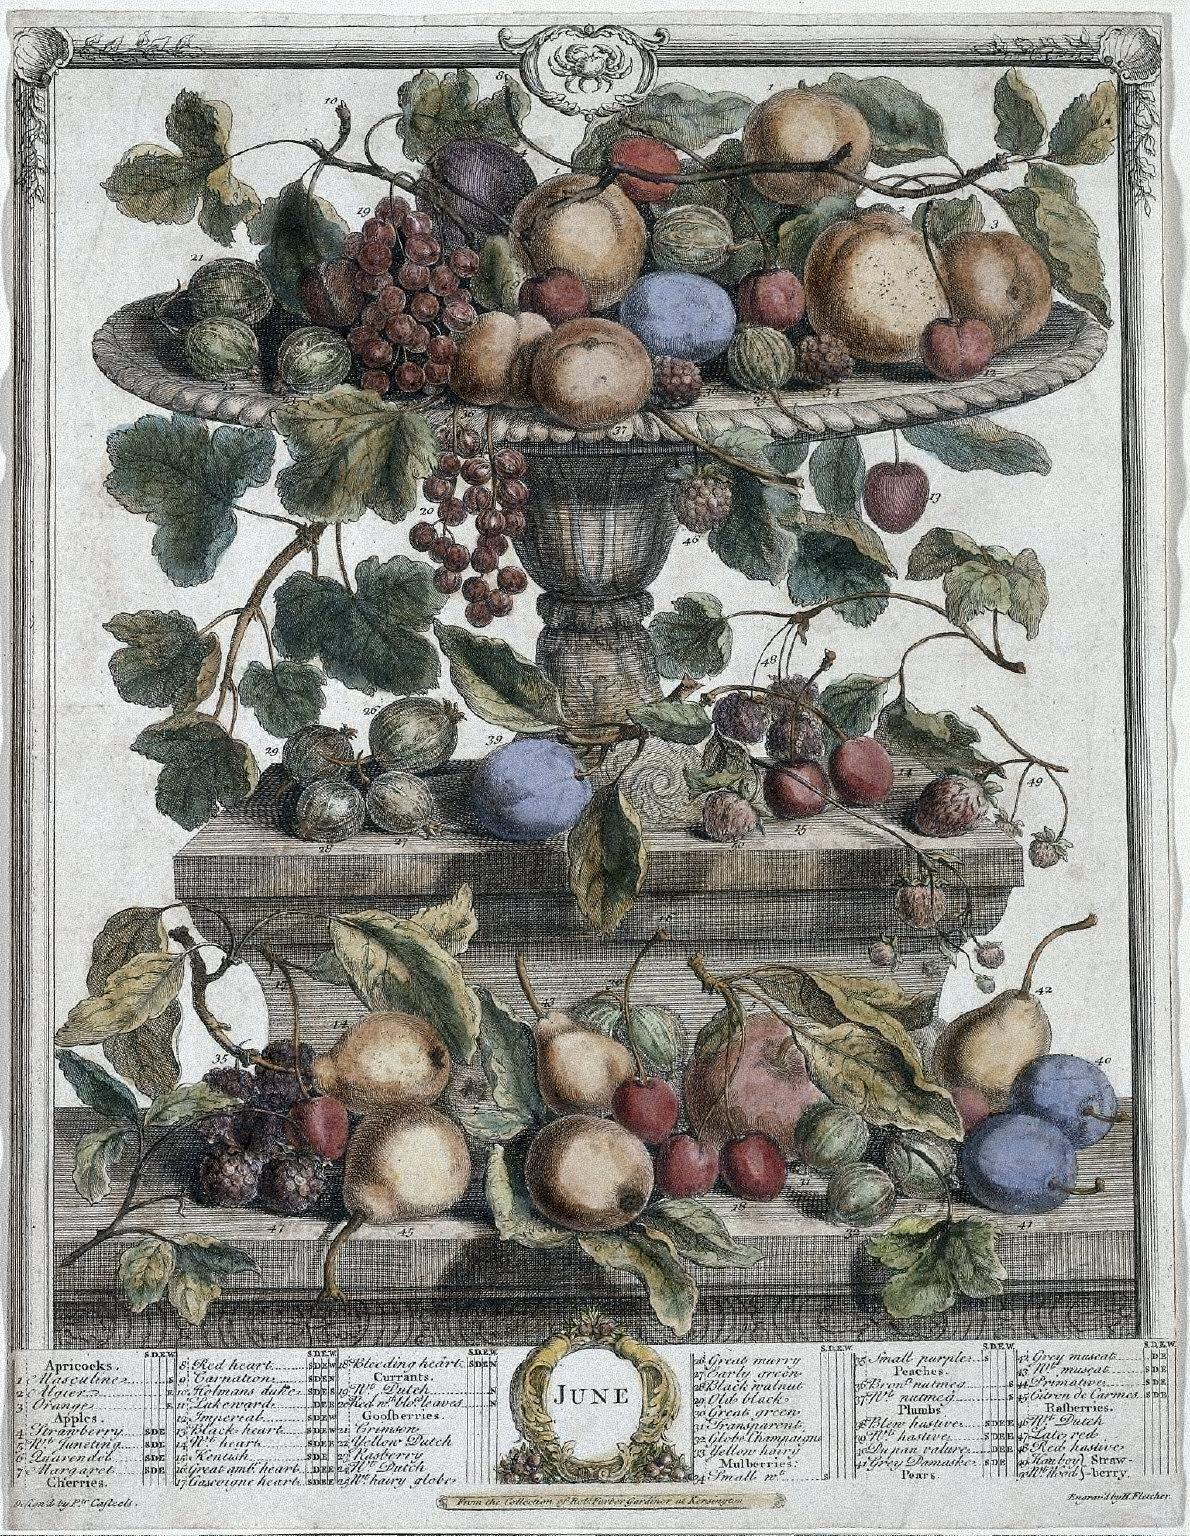 Twelve Months of Fruit: June